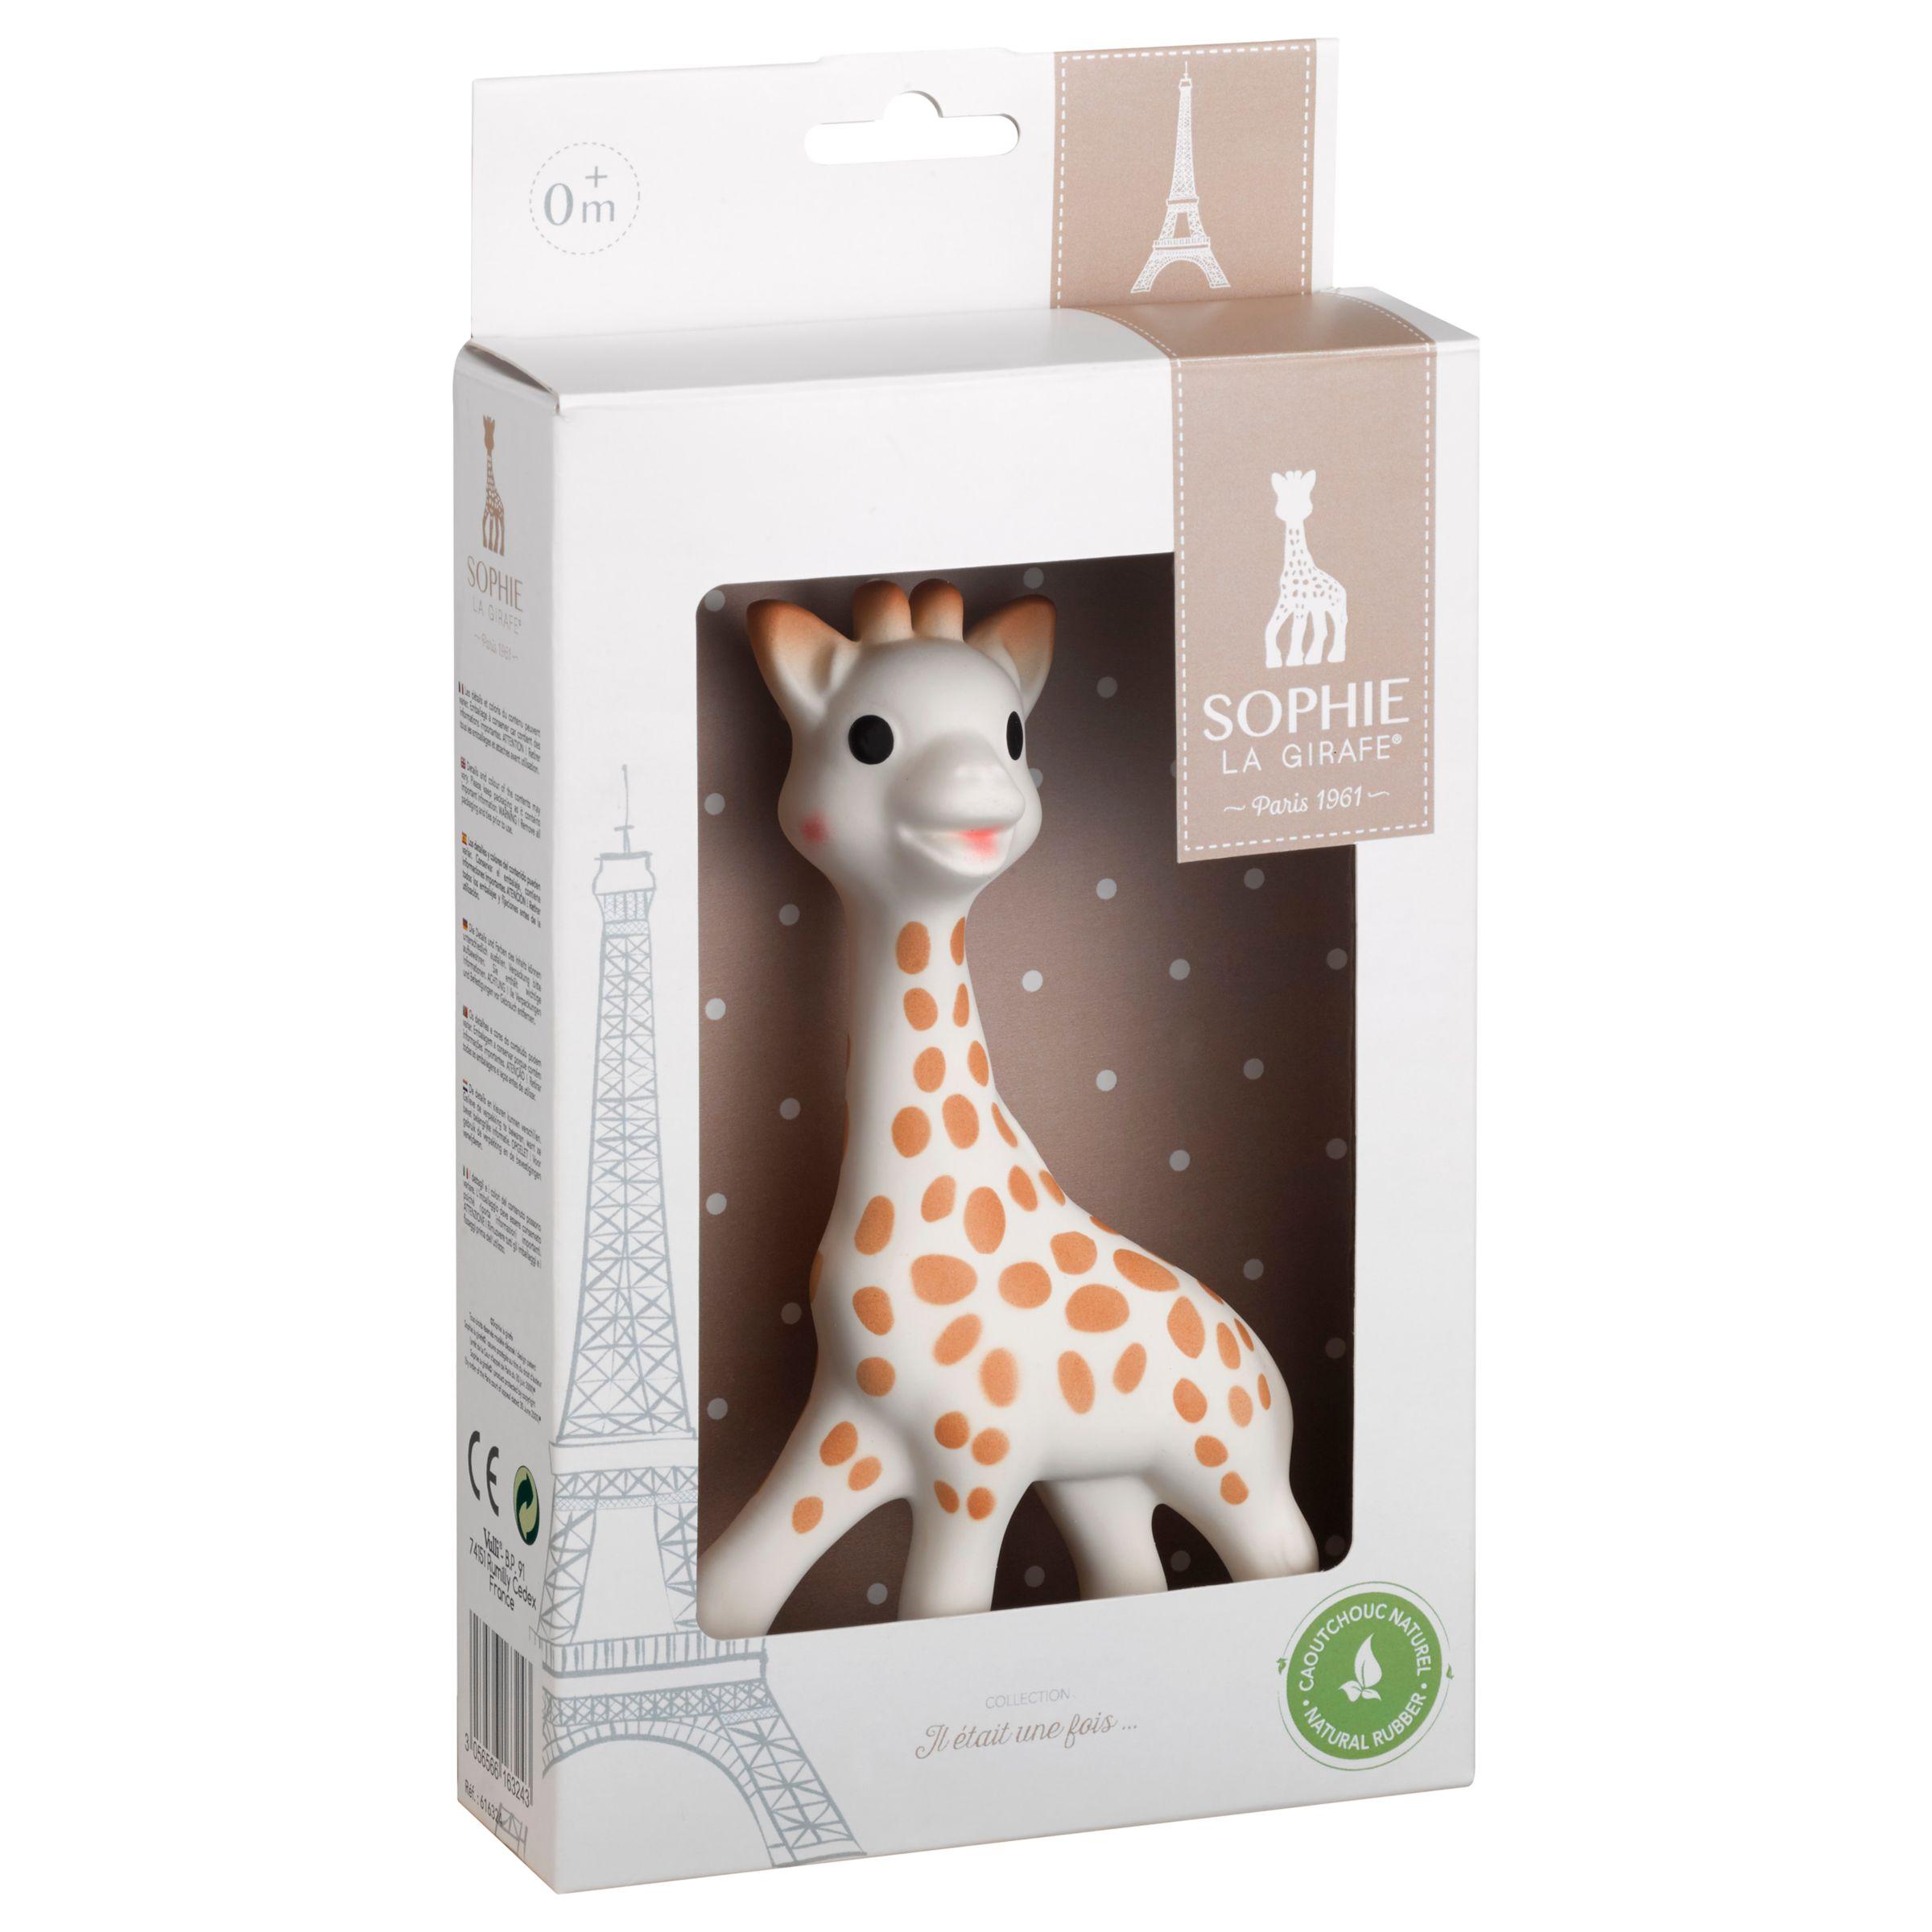 Sophie la Girafe Sophie la Girafe Teether in Gift Box